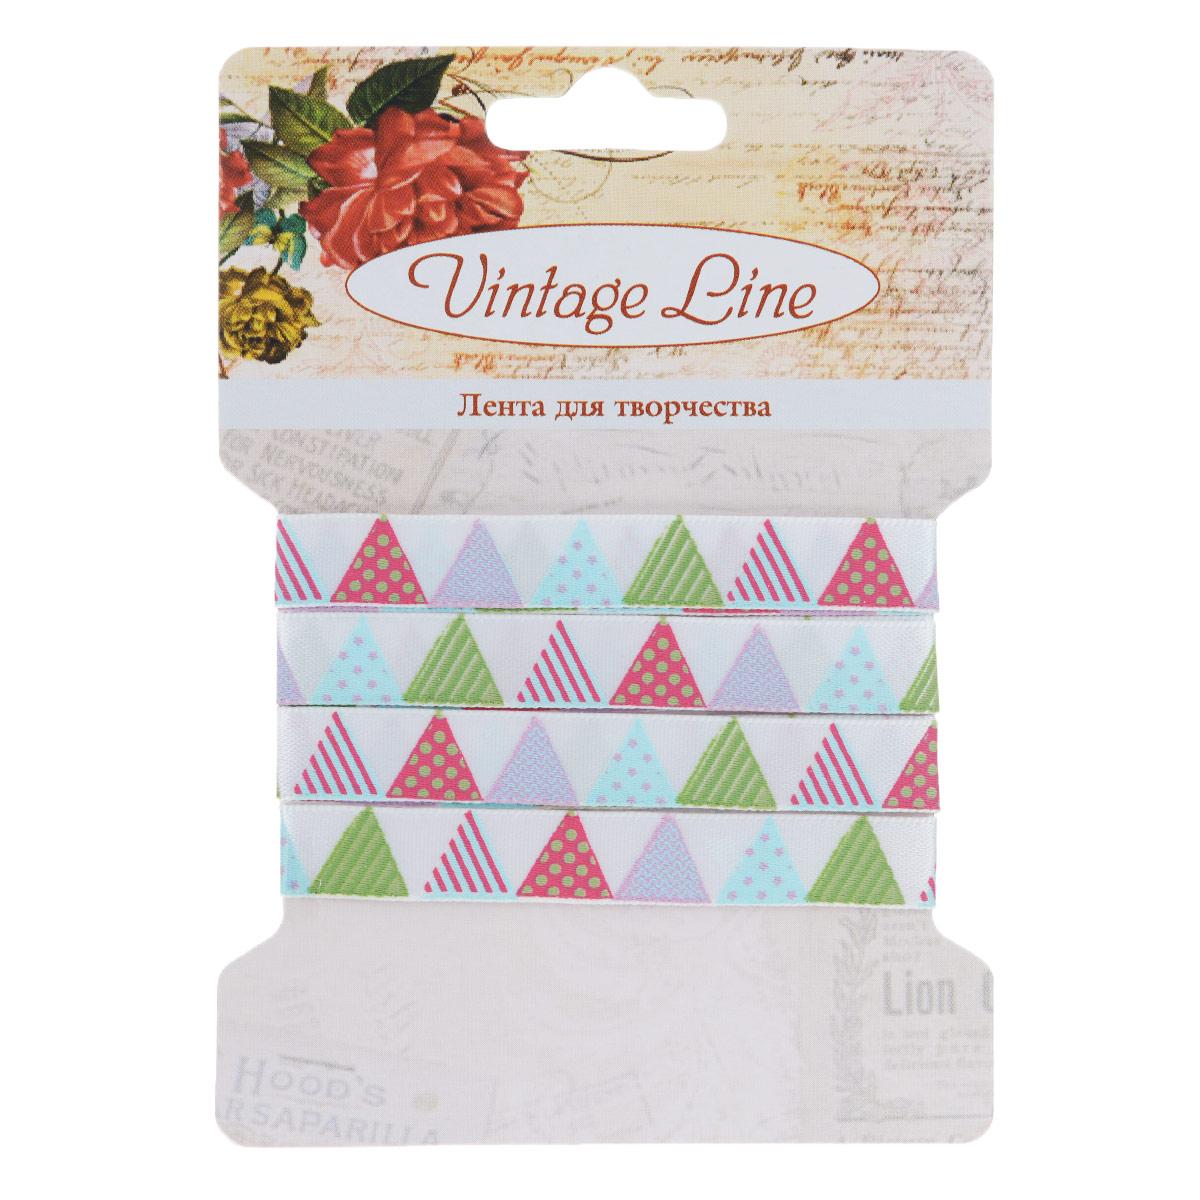 Лента декоративная Vintage Line Треугольники, 1 х 100 см 7709299C0042416Декоративная лента Vintage Line Треугольники представляет собой атласную ленту, декорированную небольшими разноцветными треугольниками. Такая лента идеально подойдет для оформления различных творческих работ таких, как скрапбукинг, аппликация, декор коробок и открыток и многое другое.Лента наивысшего качества практична в использовании. Она станет незаменимым элементом в создании рукотворного шедевра. Ширина: 1 см.Длина: 1 м.